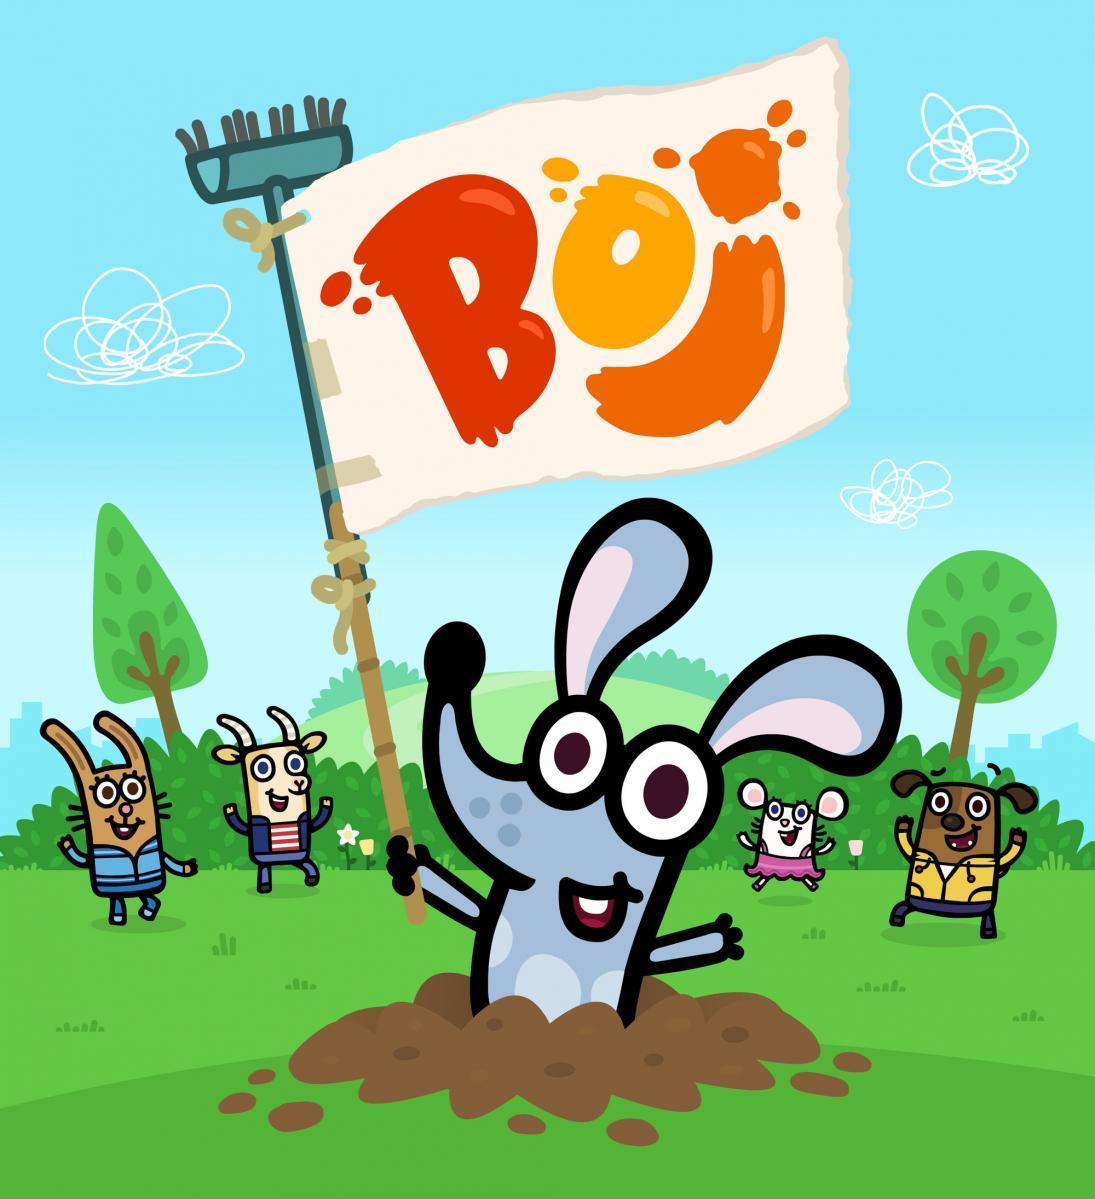 兔耳狸波伊 Boj动画